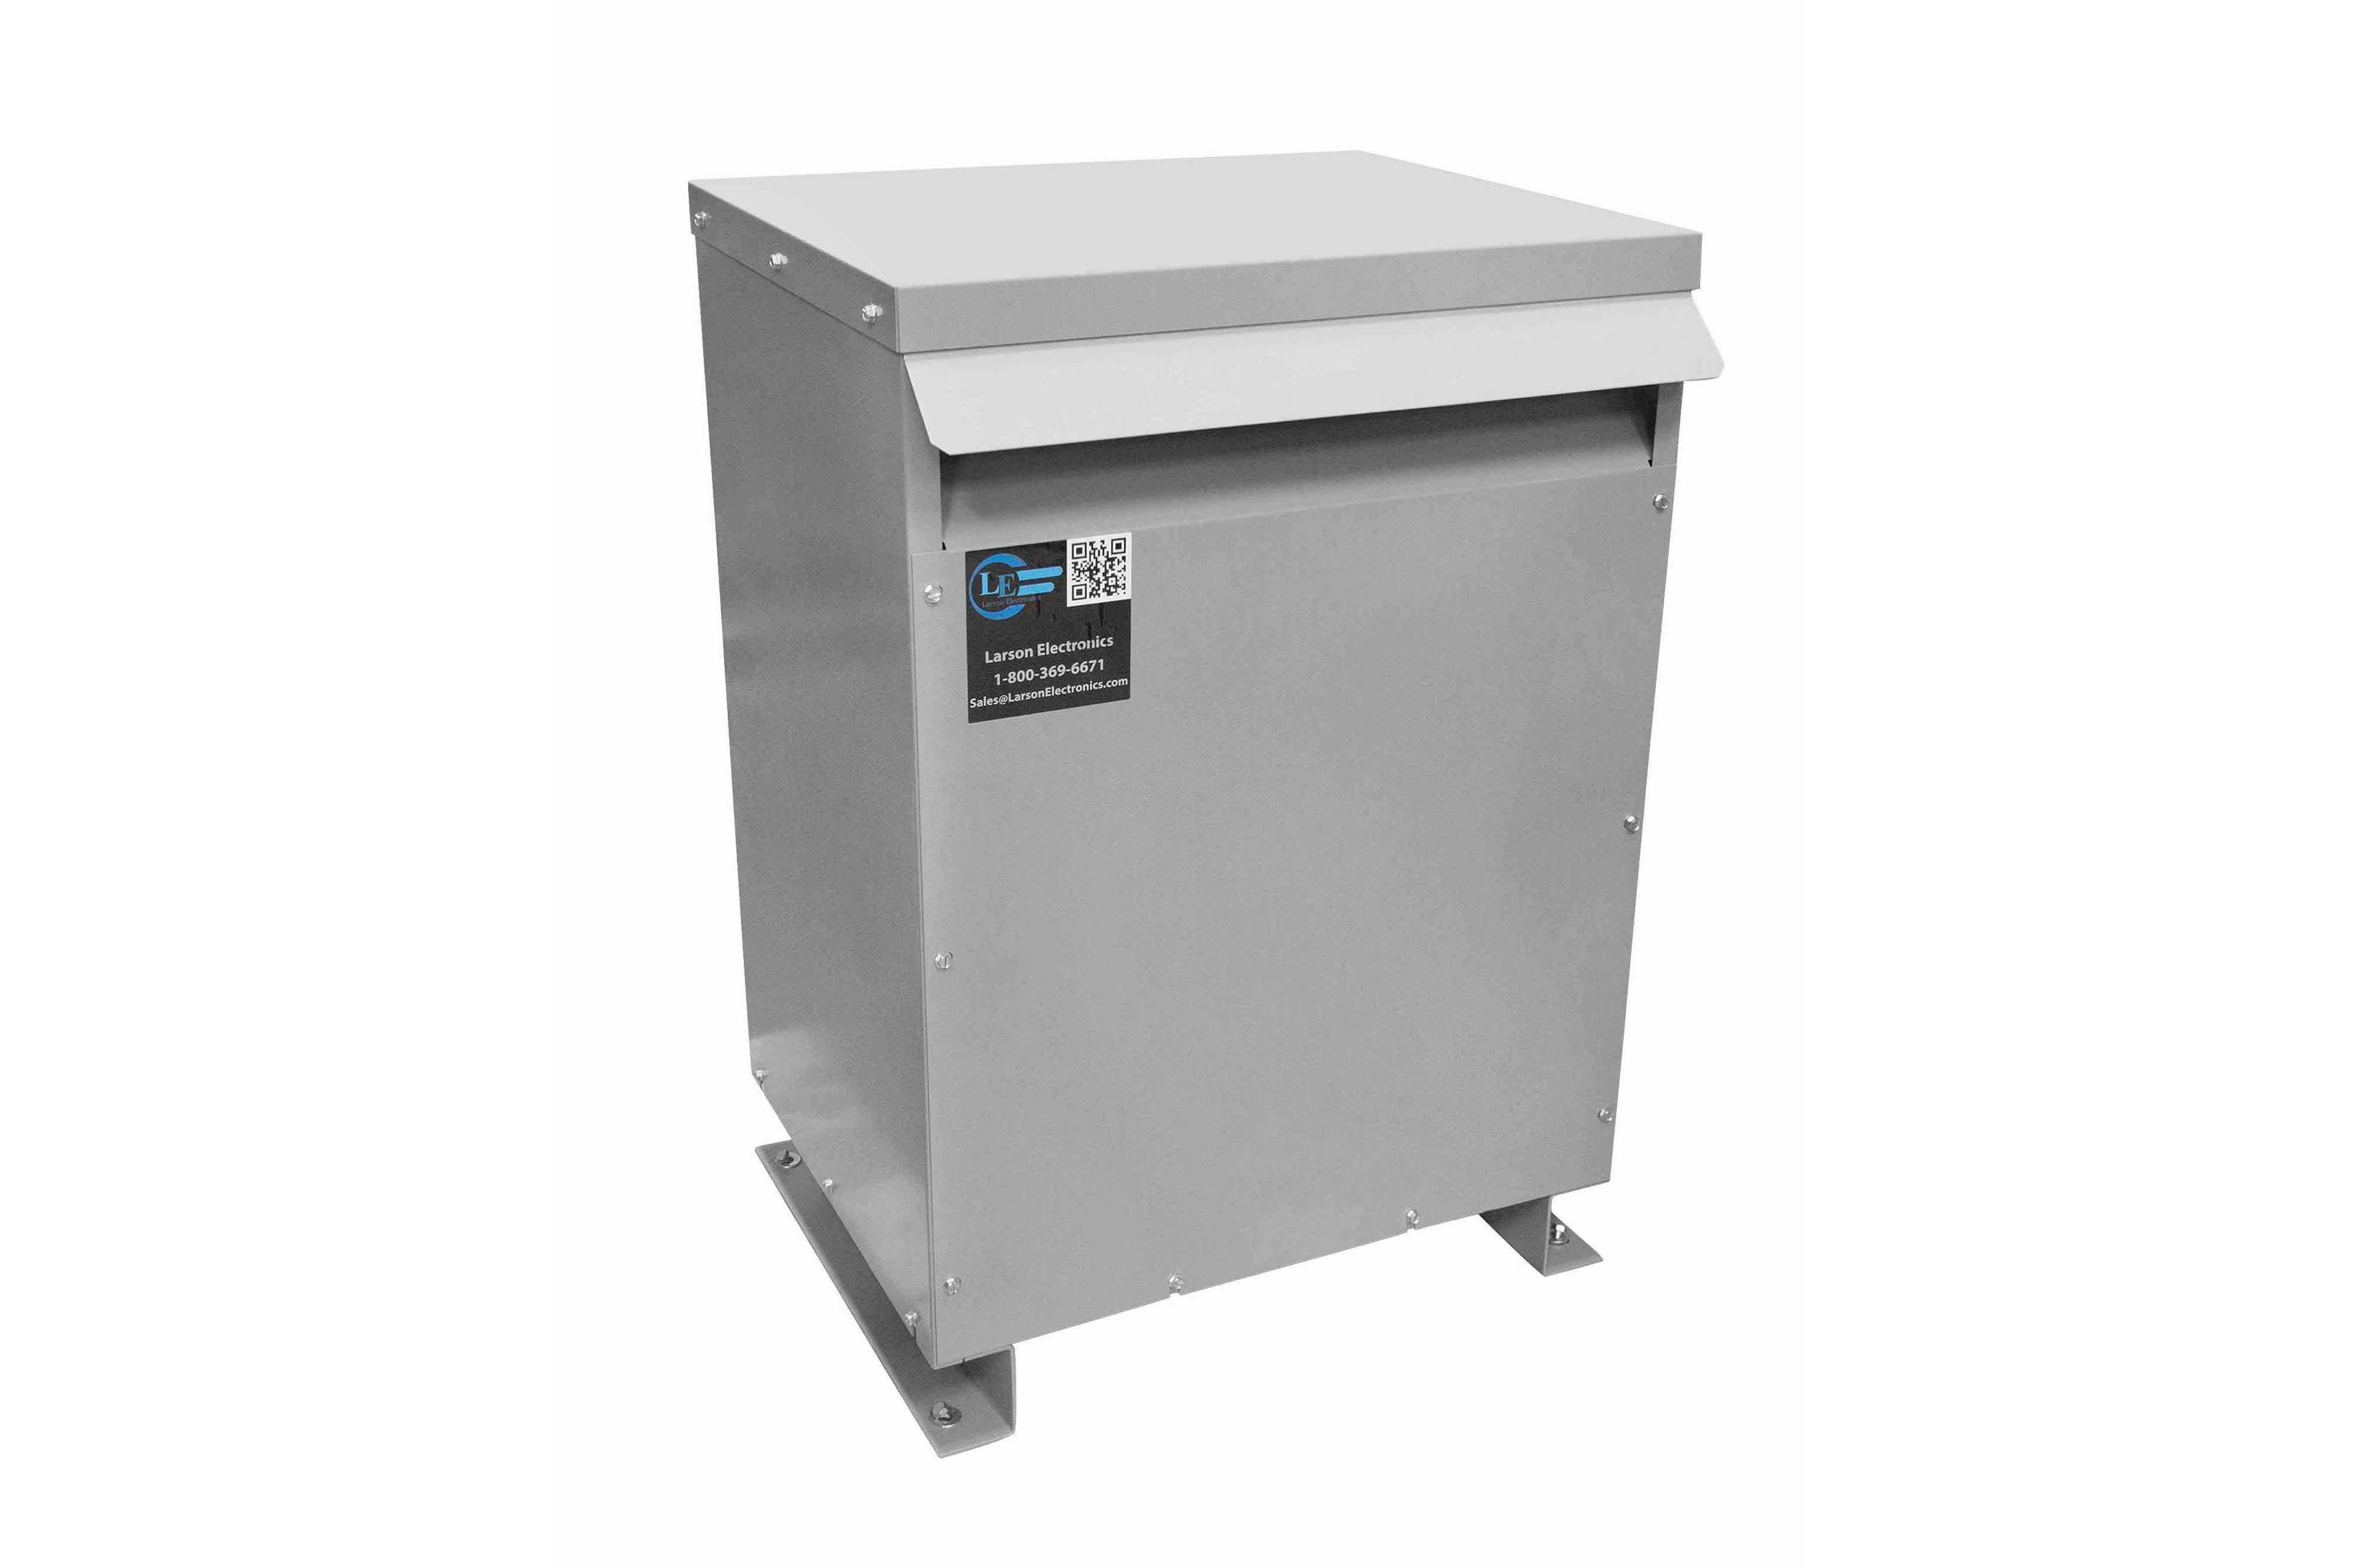 45 kVA 3PH DOE Transformer, 208V Delta Primary, 240V/120 Delta Secondary, N3R, Ventilated, 60 Hz